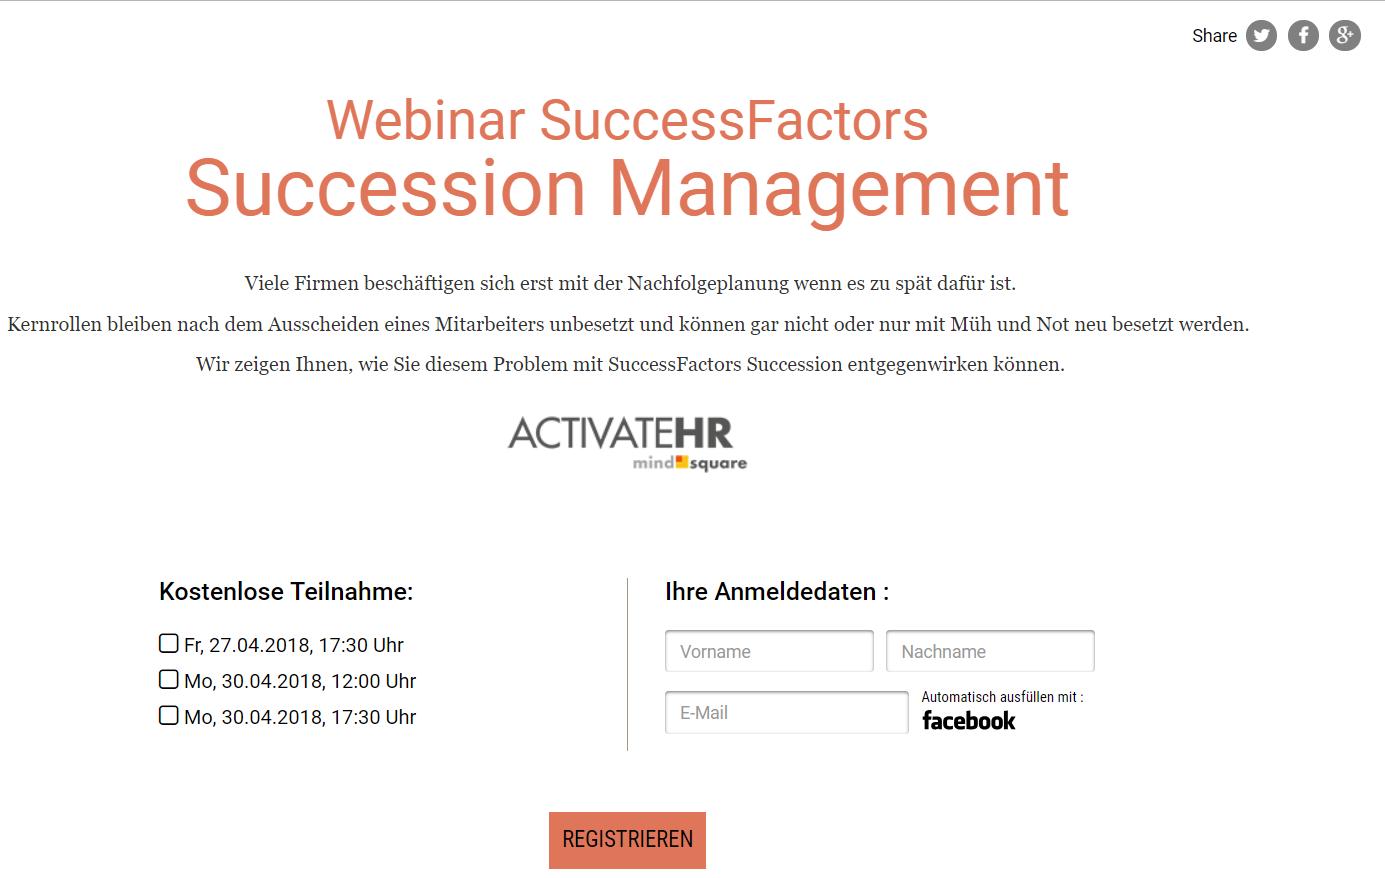 successfactors succession management